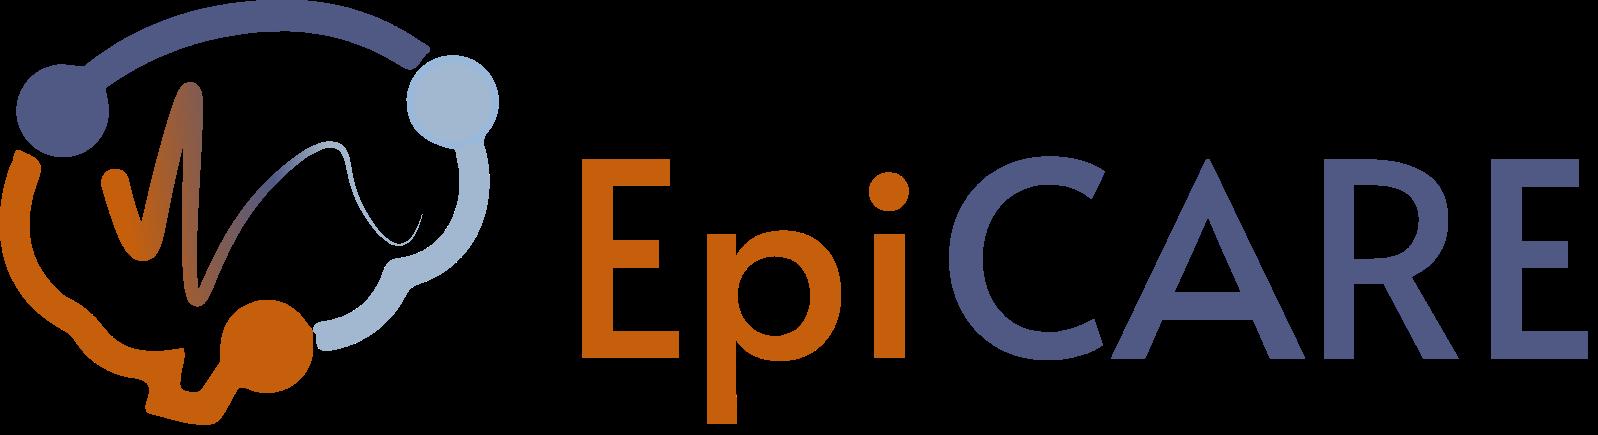 Hospices Civils de Lyon (ERN EpiCARE)